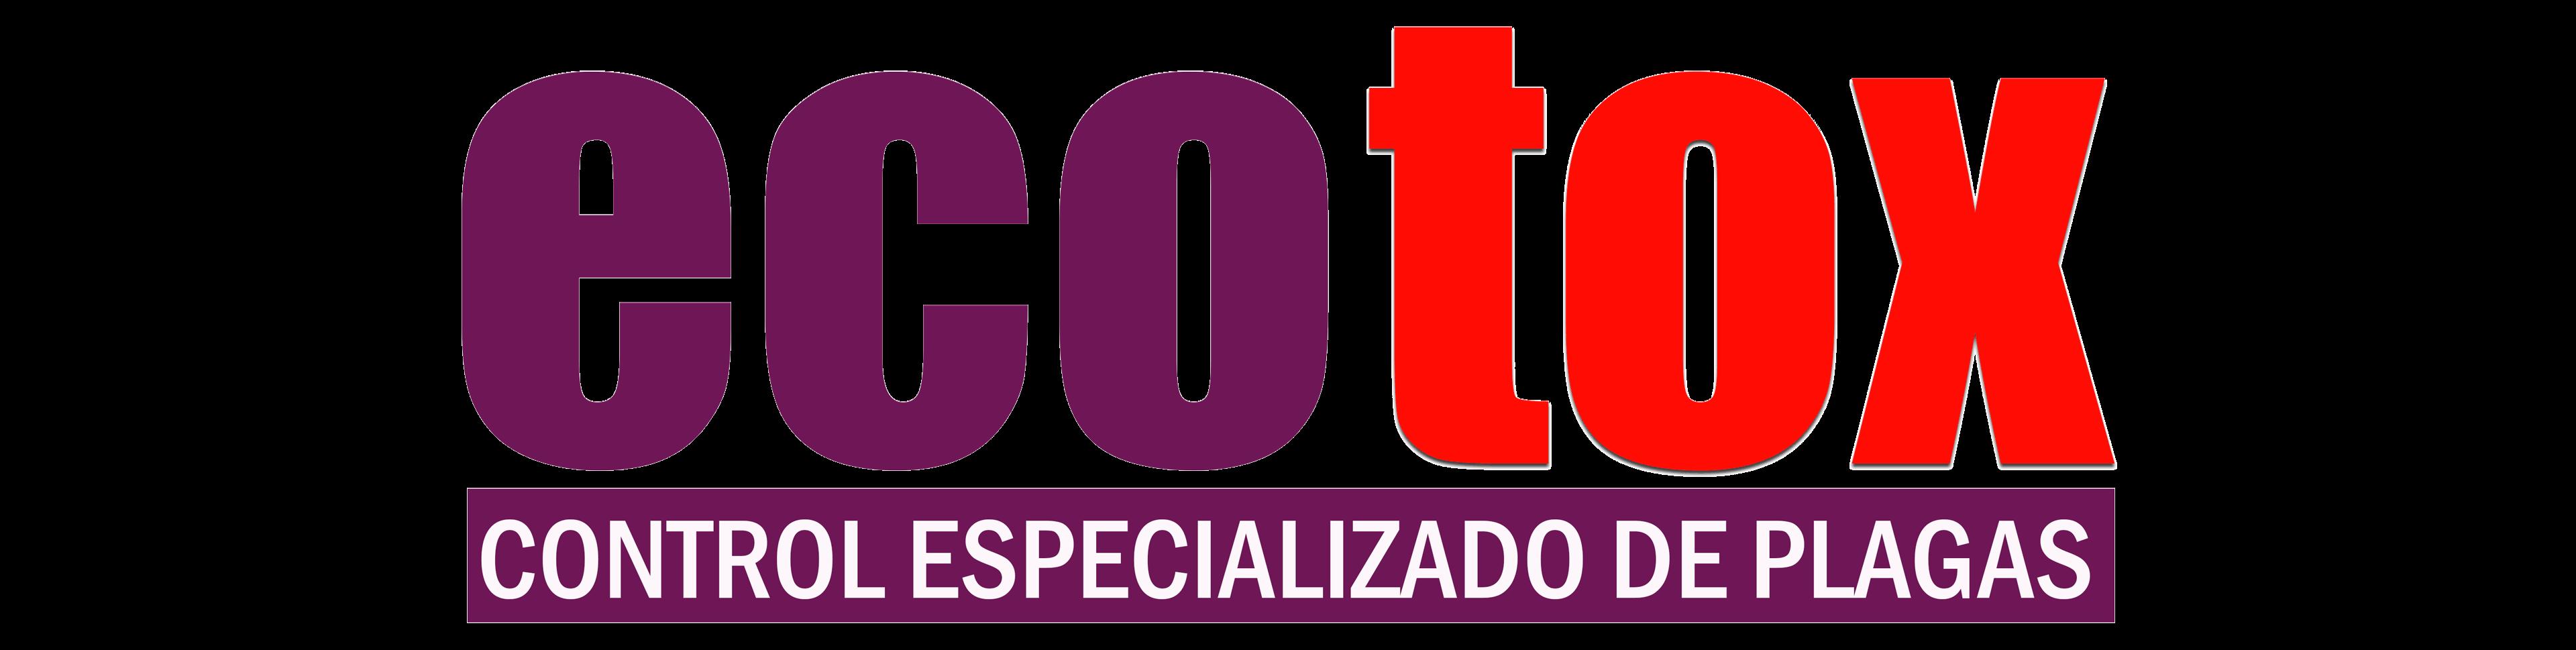 Ecotox Control Especializado de Plagas